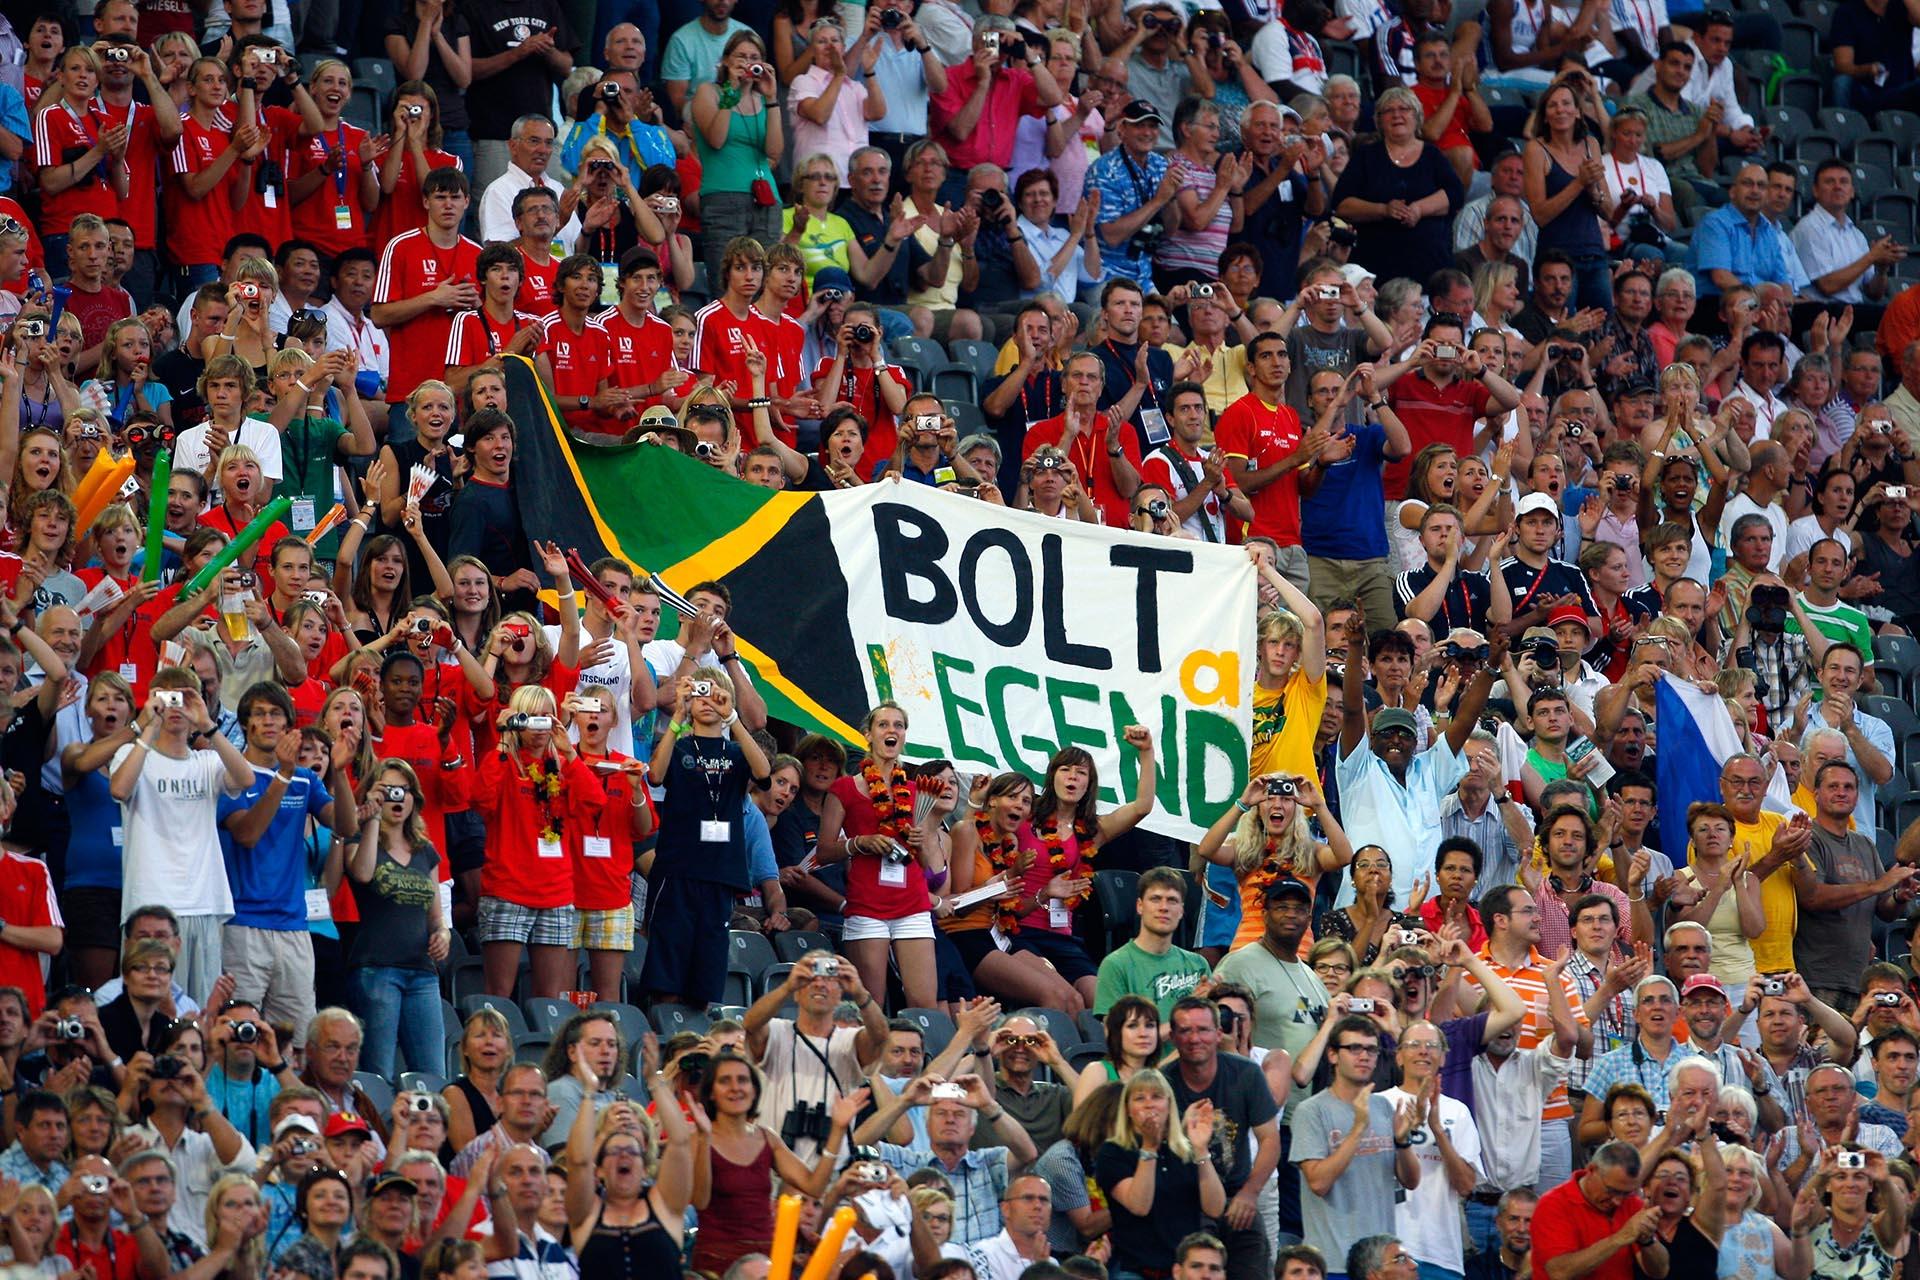 Los fanáticos alemanes ya calificaban aBolt como una leyenda(Getty Images)